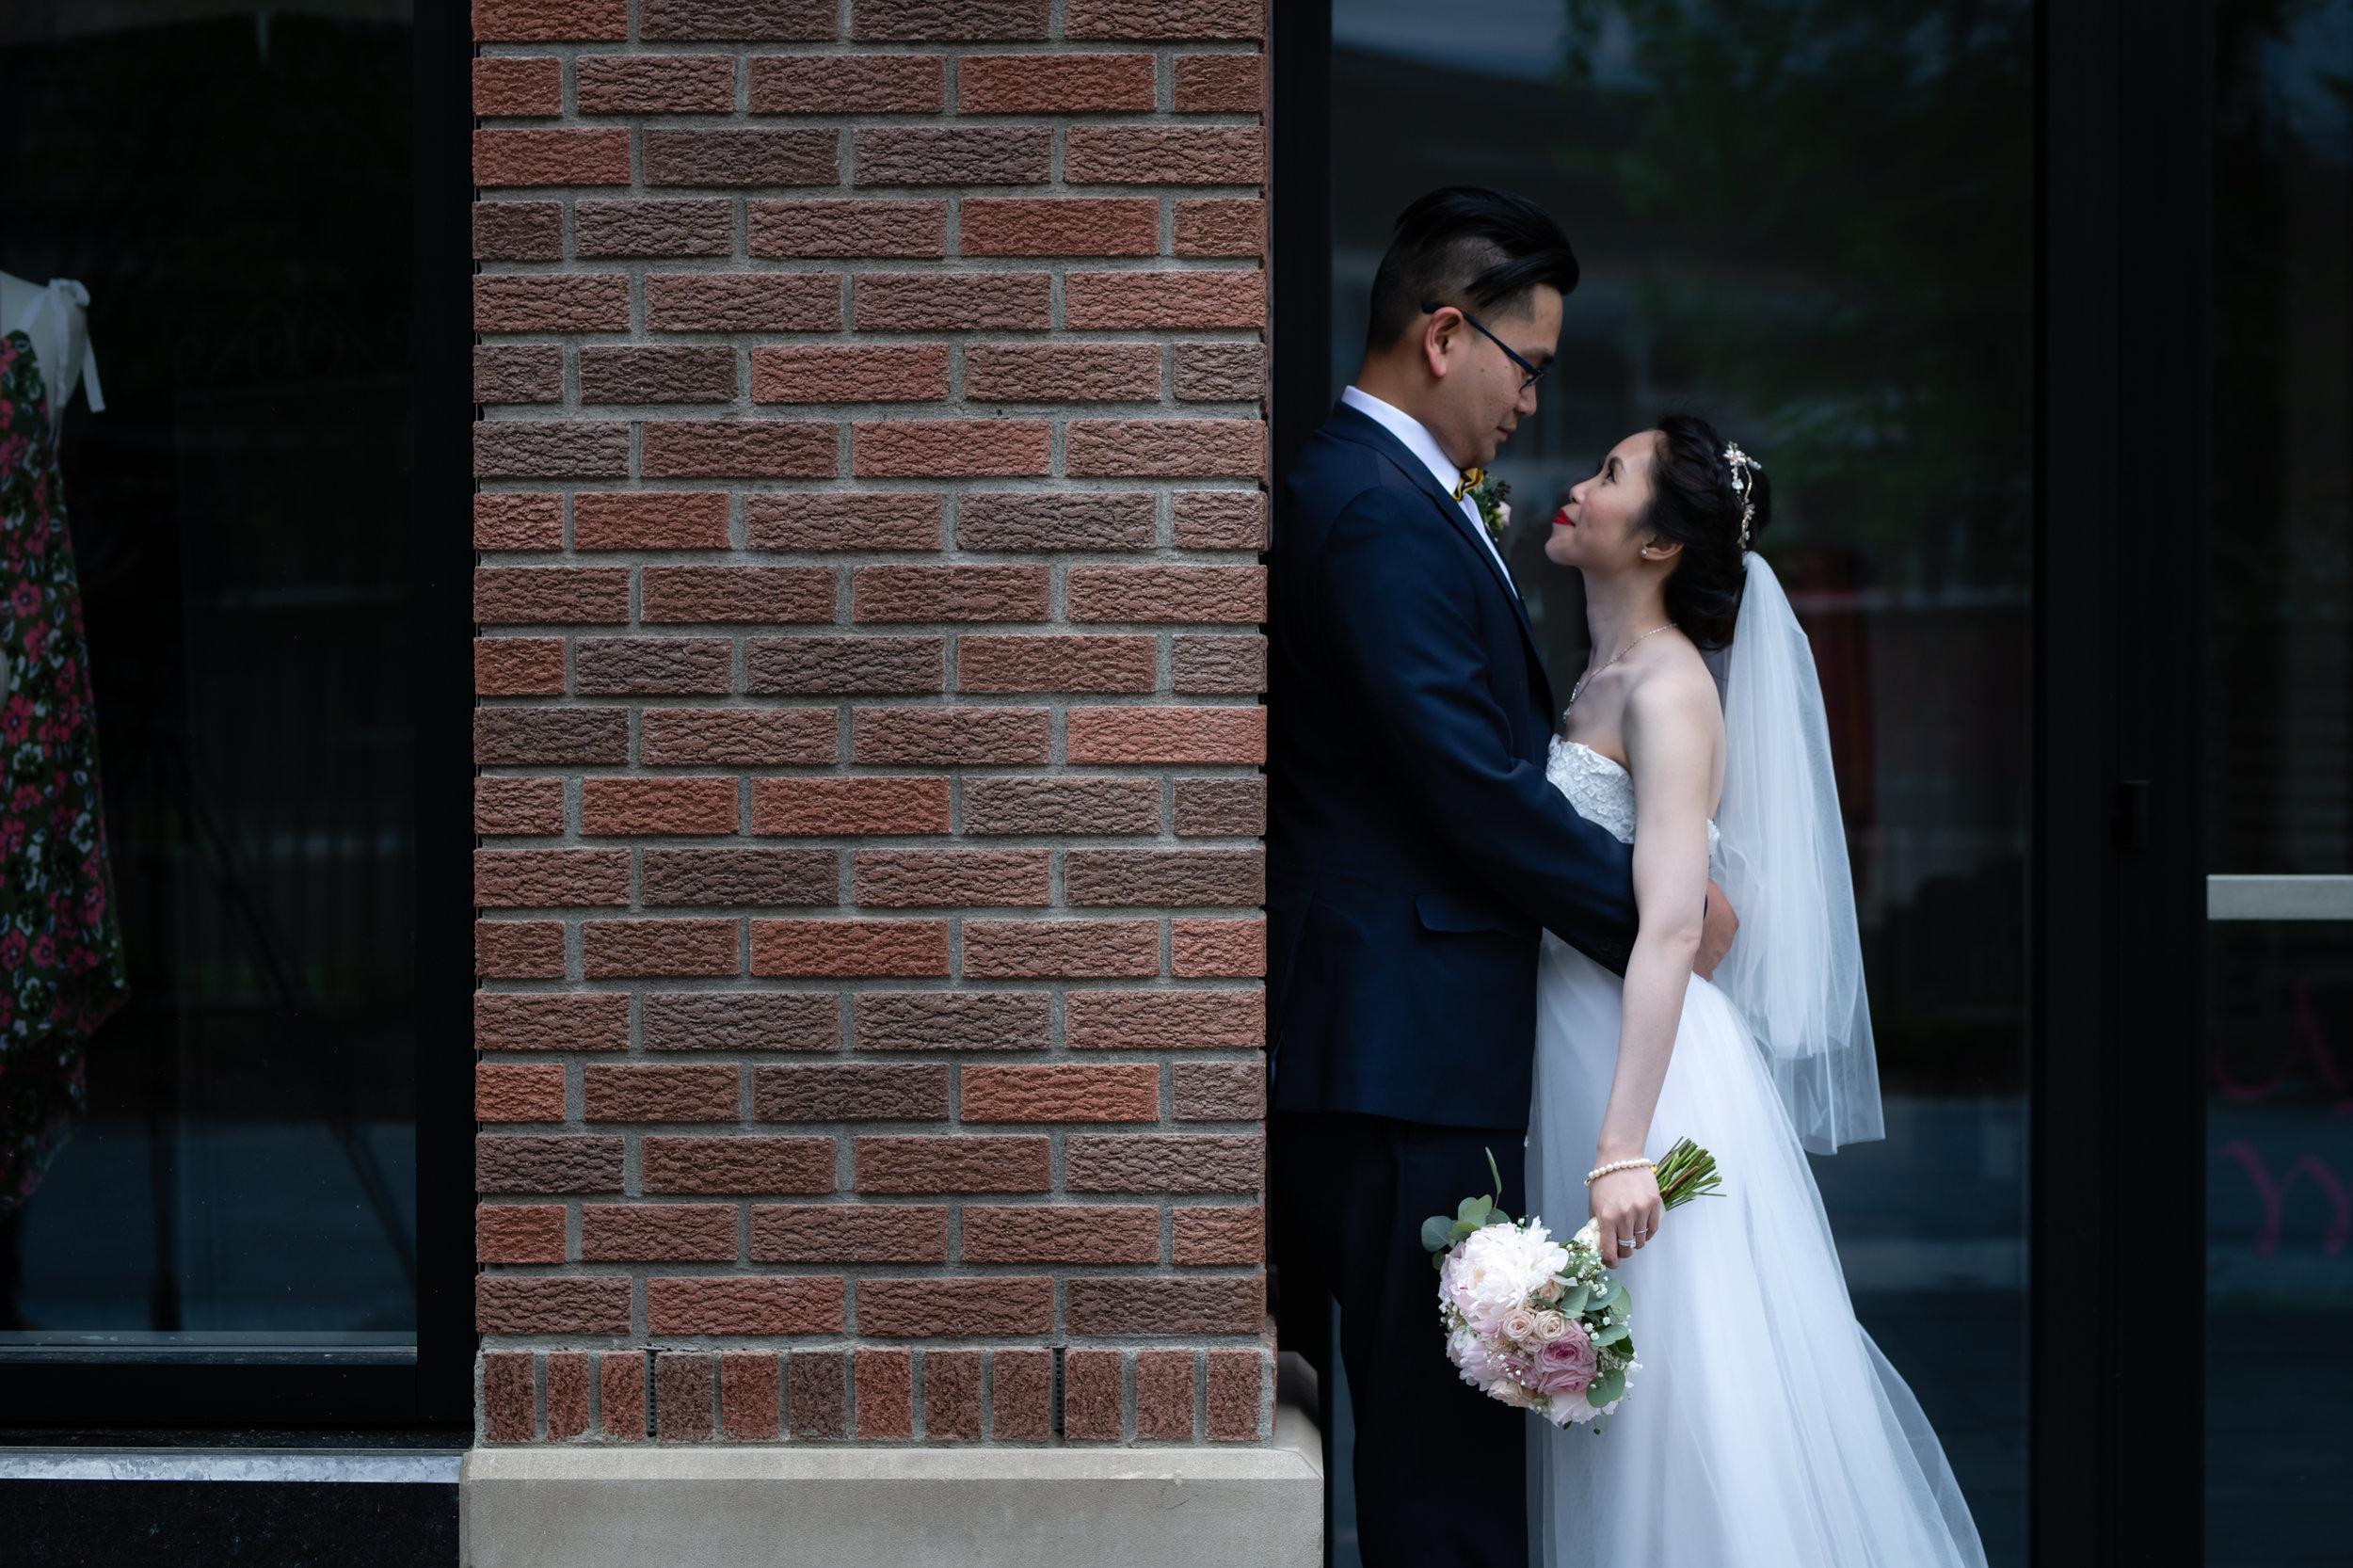 Selina_Chris_Wedding_Sneak_Peek_058.jpg